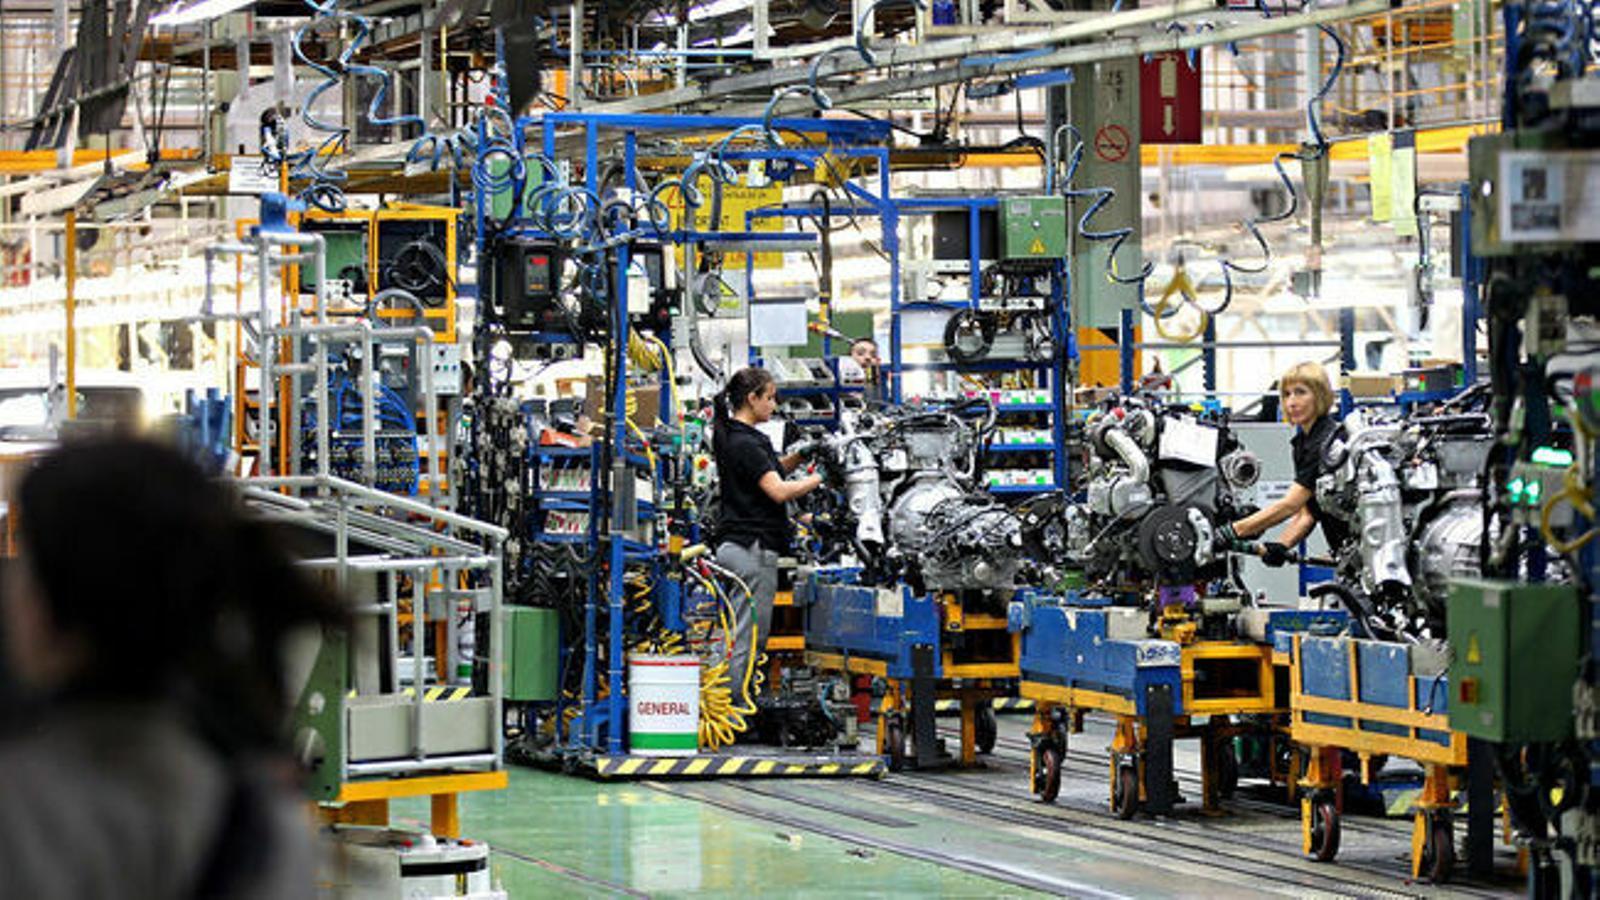 Nissan vol fer fora 10.000 treballadors a tot el món, el doble del previst a principis d'any